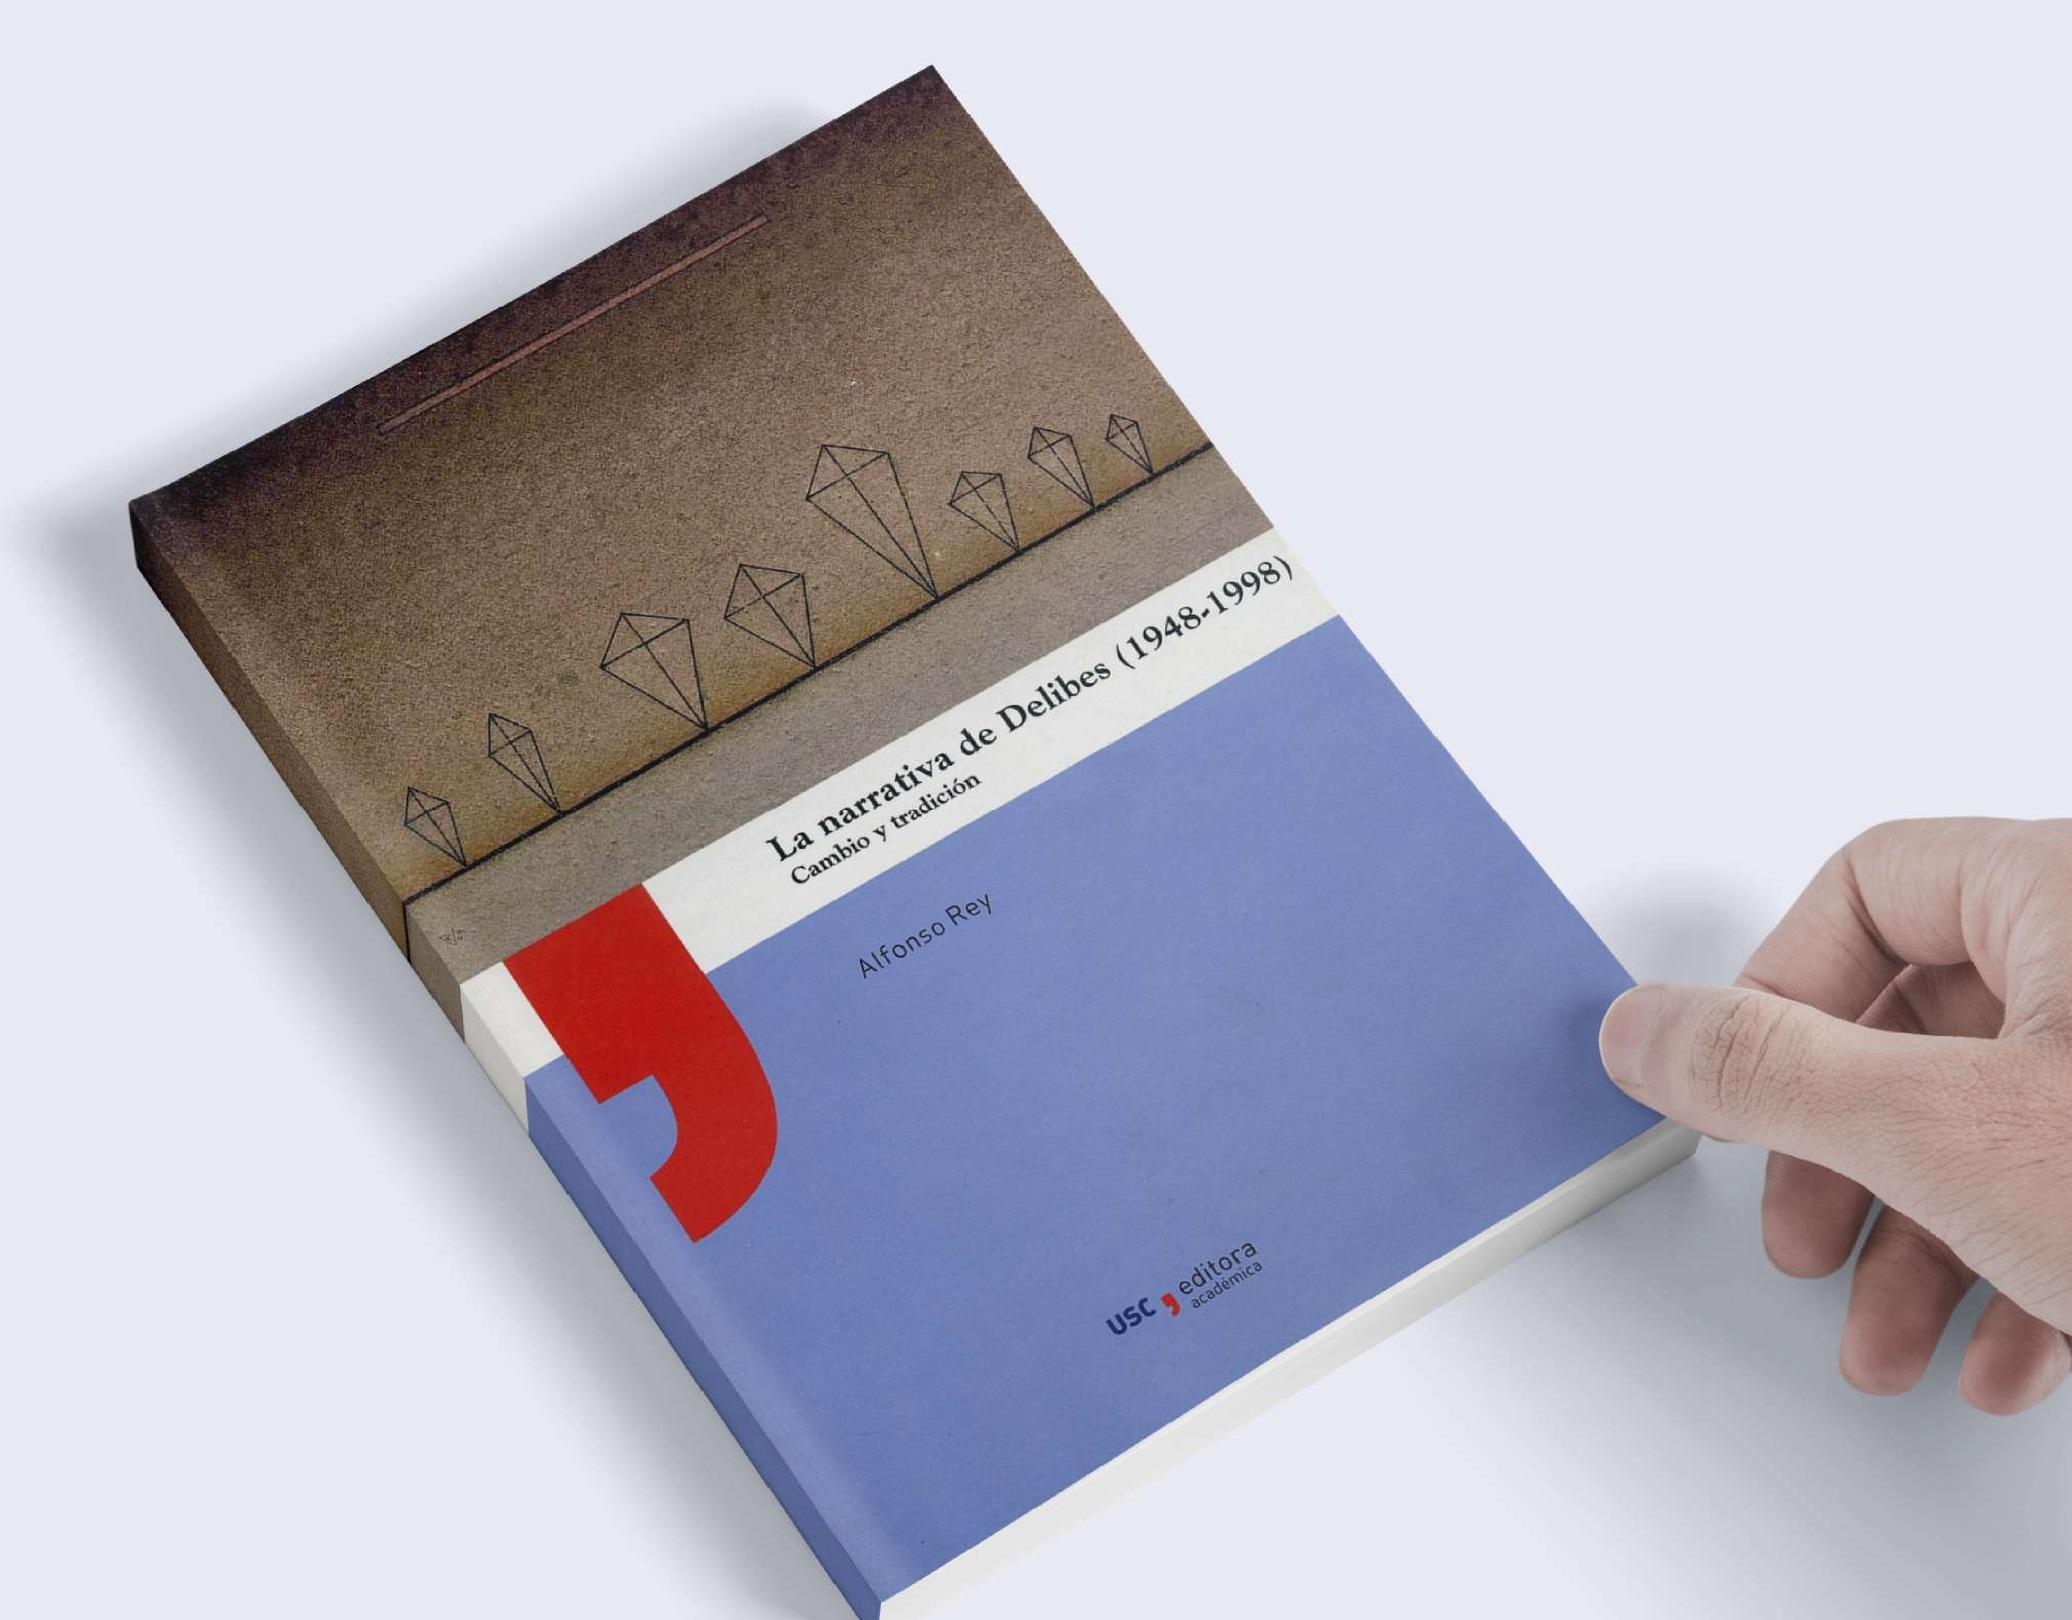 Foto del libro La narrativa de Delibes